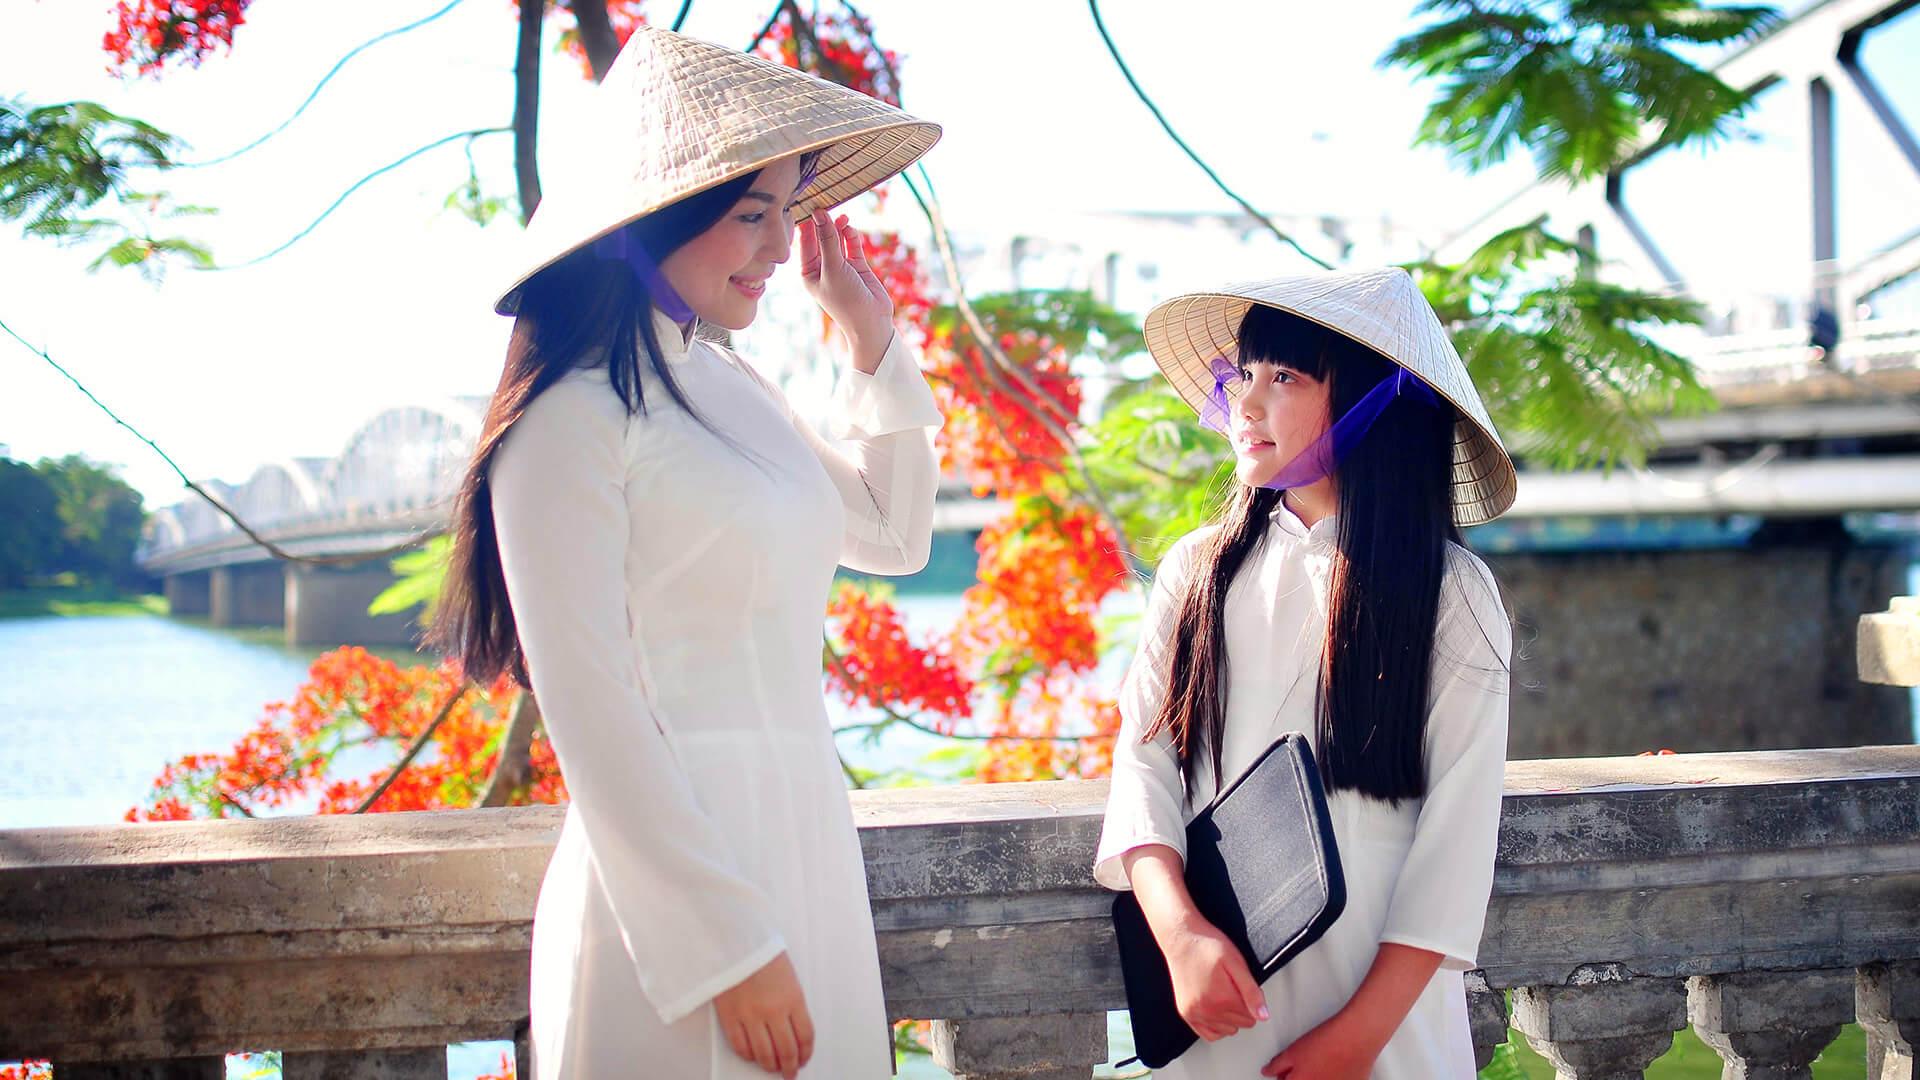 Chiếc nón Bài Thơ – Nét đẹp gắn liền với người con gái Xứ Huế